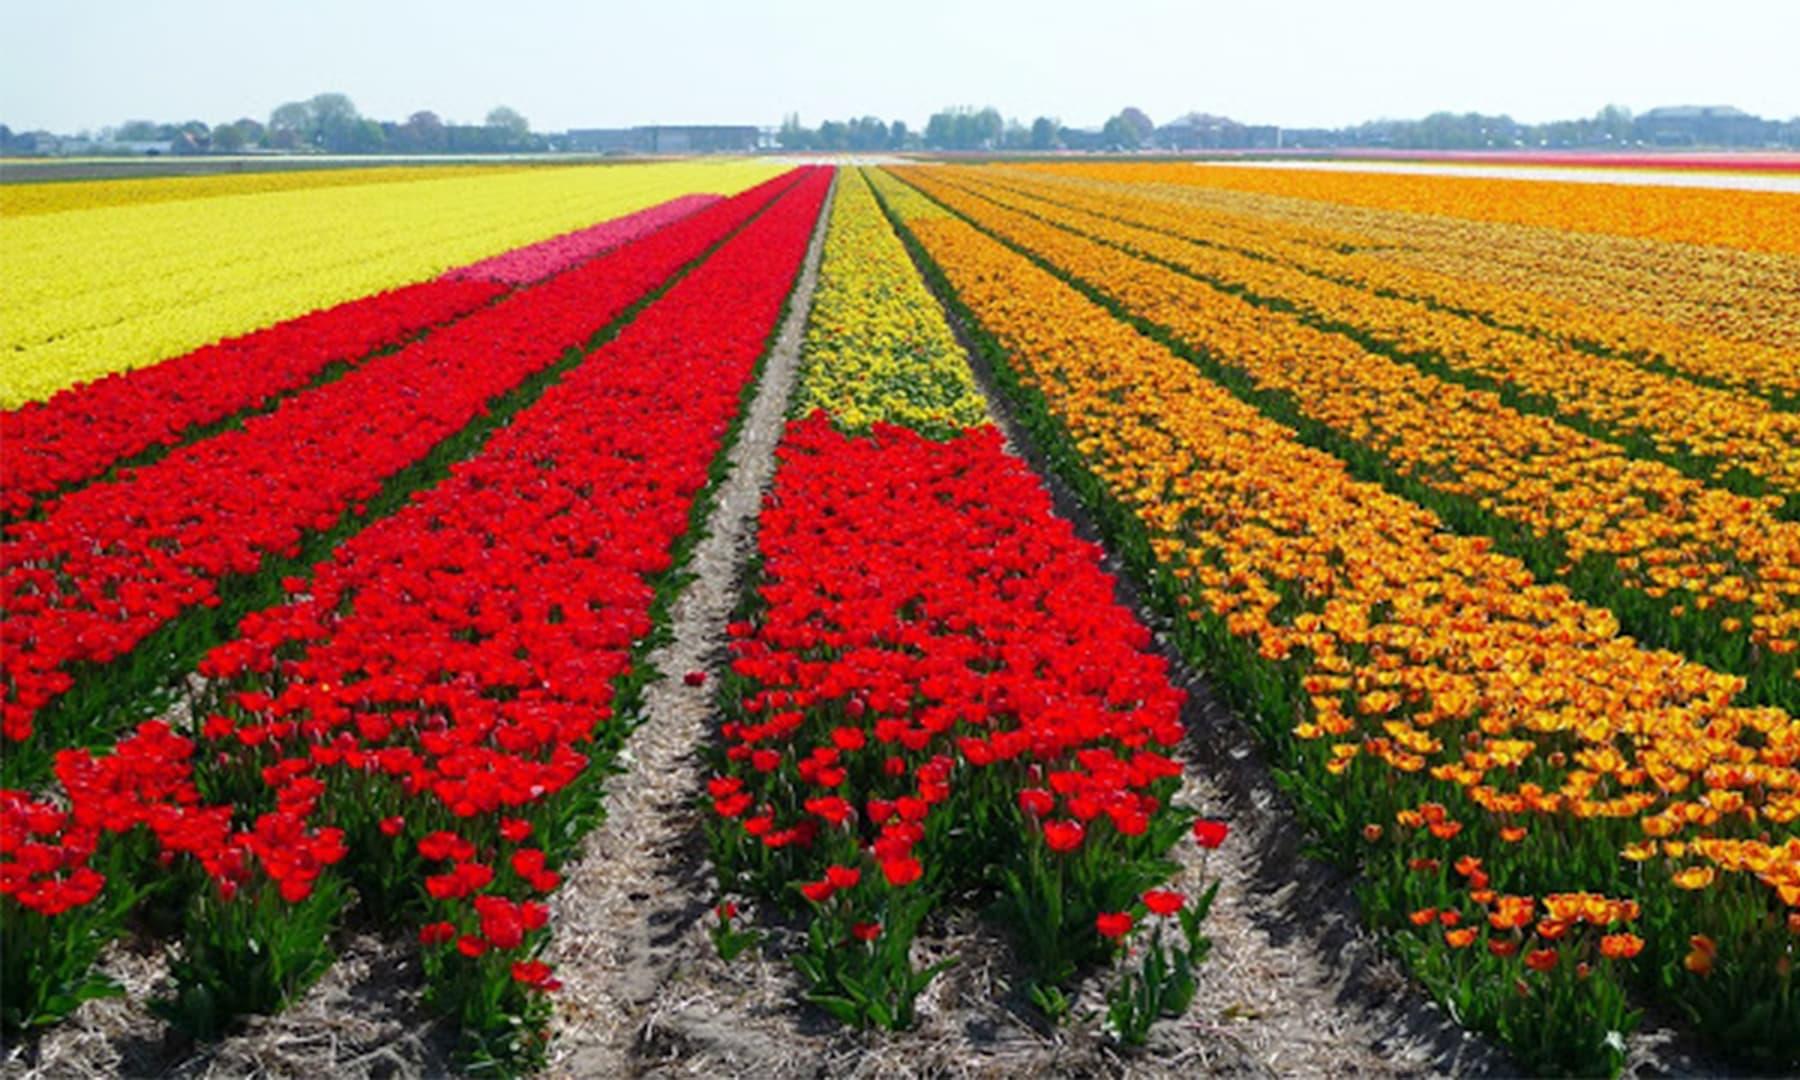 میں نے پہلی مرتبہ اتنے زیادہ پھولوں کے کھیت فلم 'پریم روگ' میں دیکھے تھے